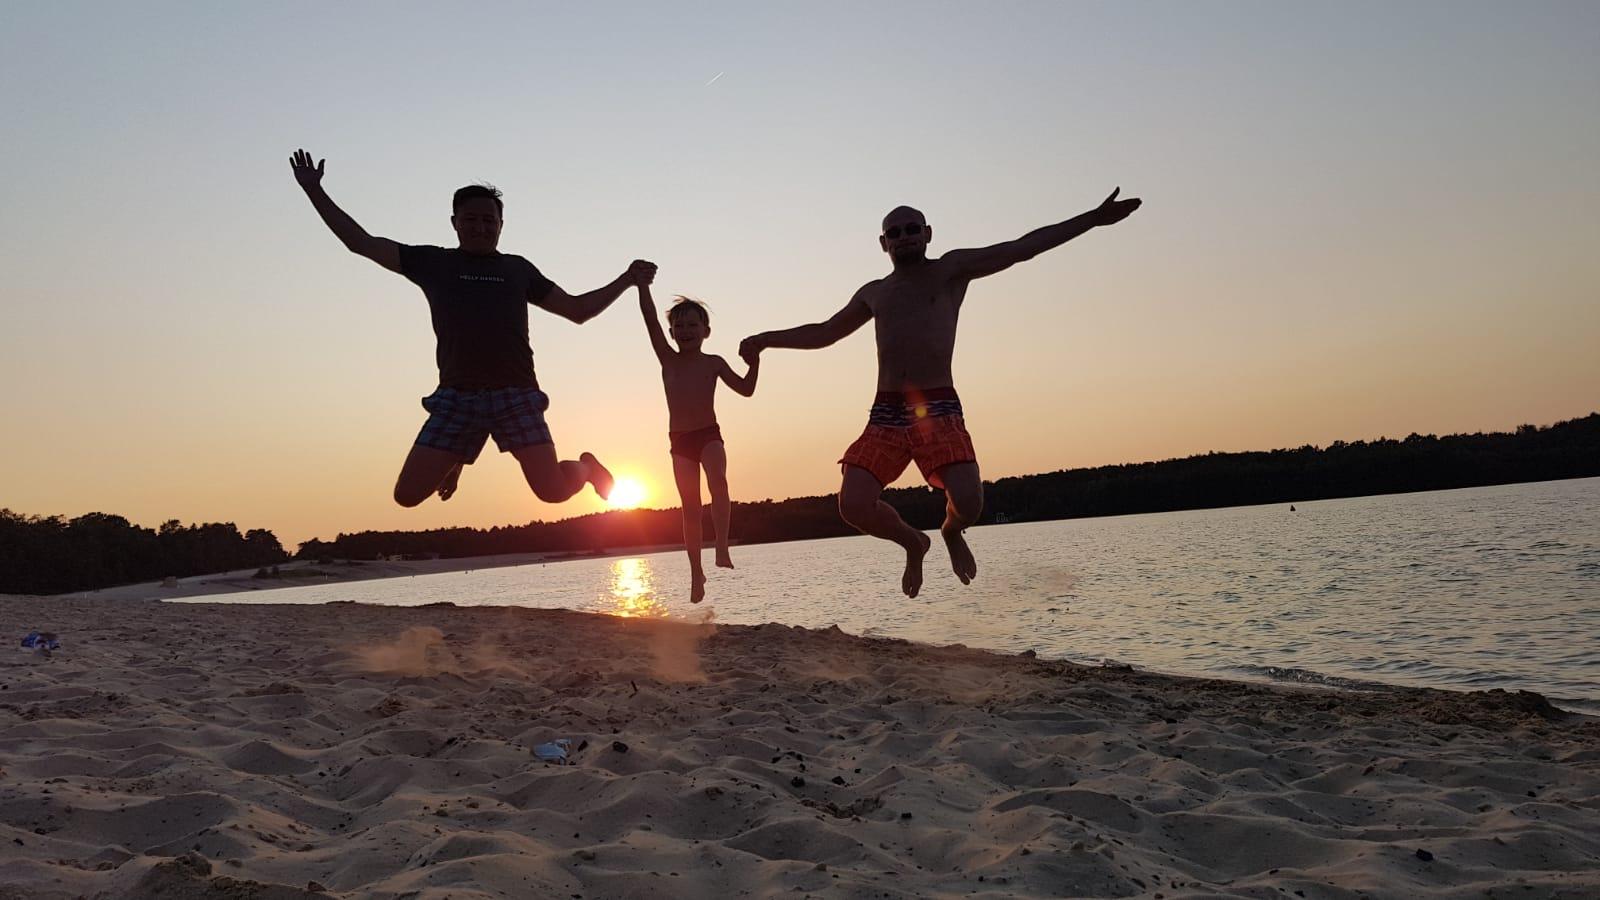 Прыжок на закате солнца